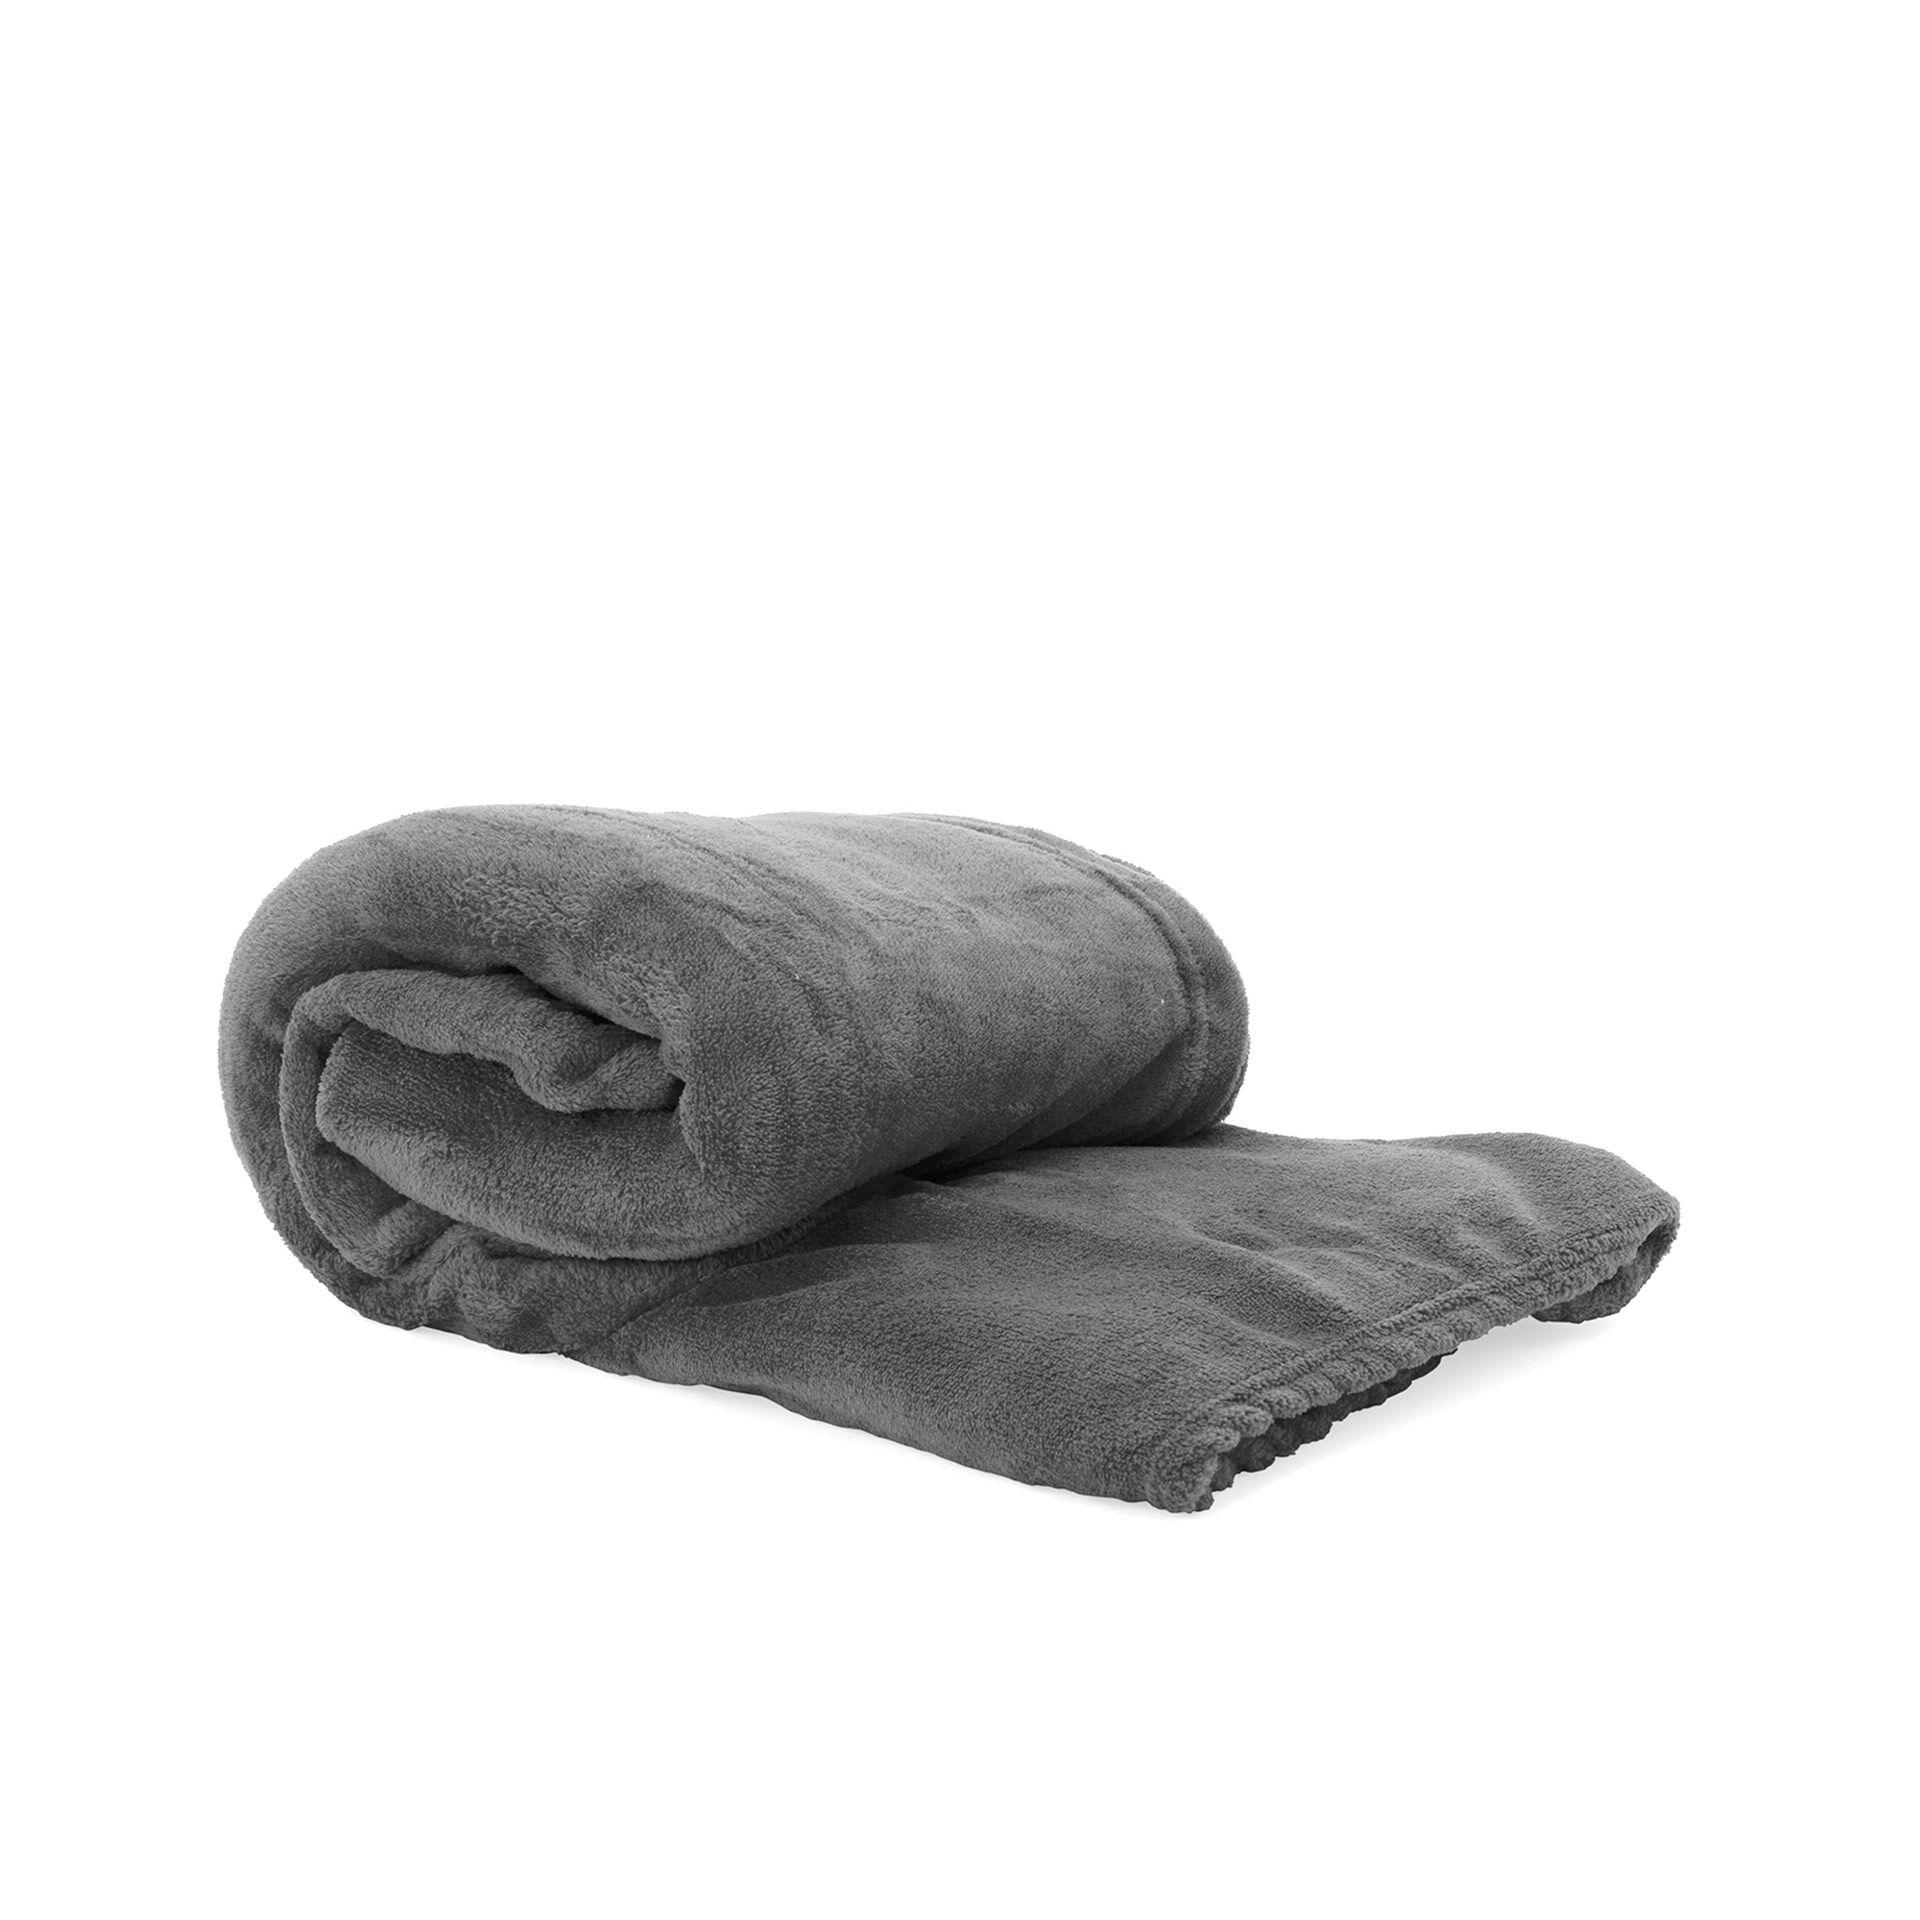 Couverture à manches - grise, gris, large